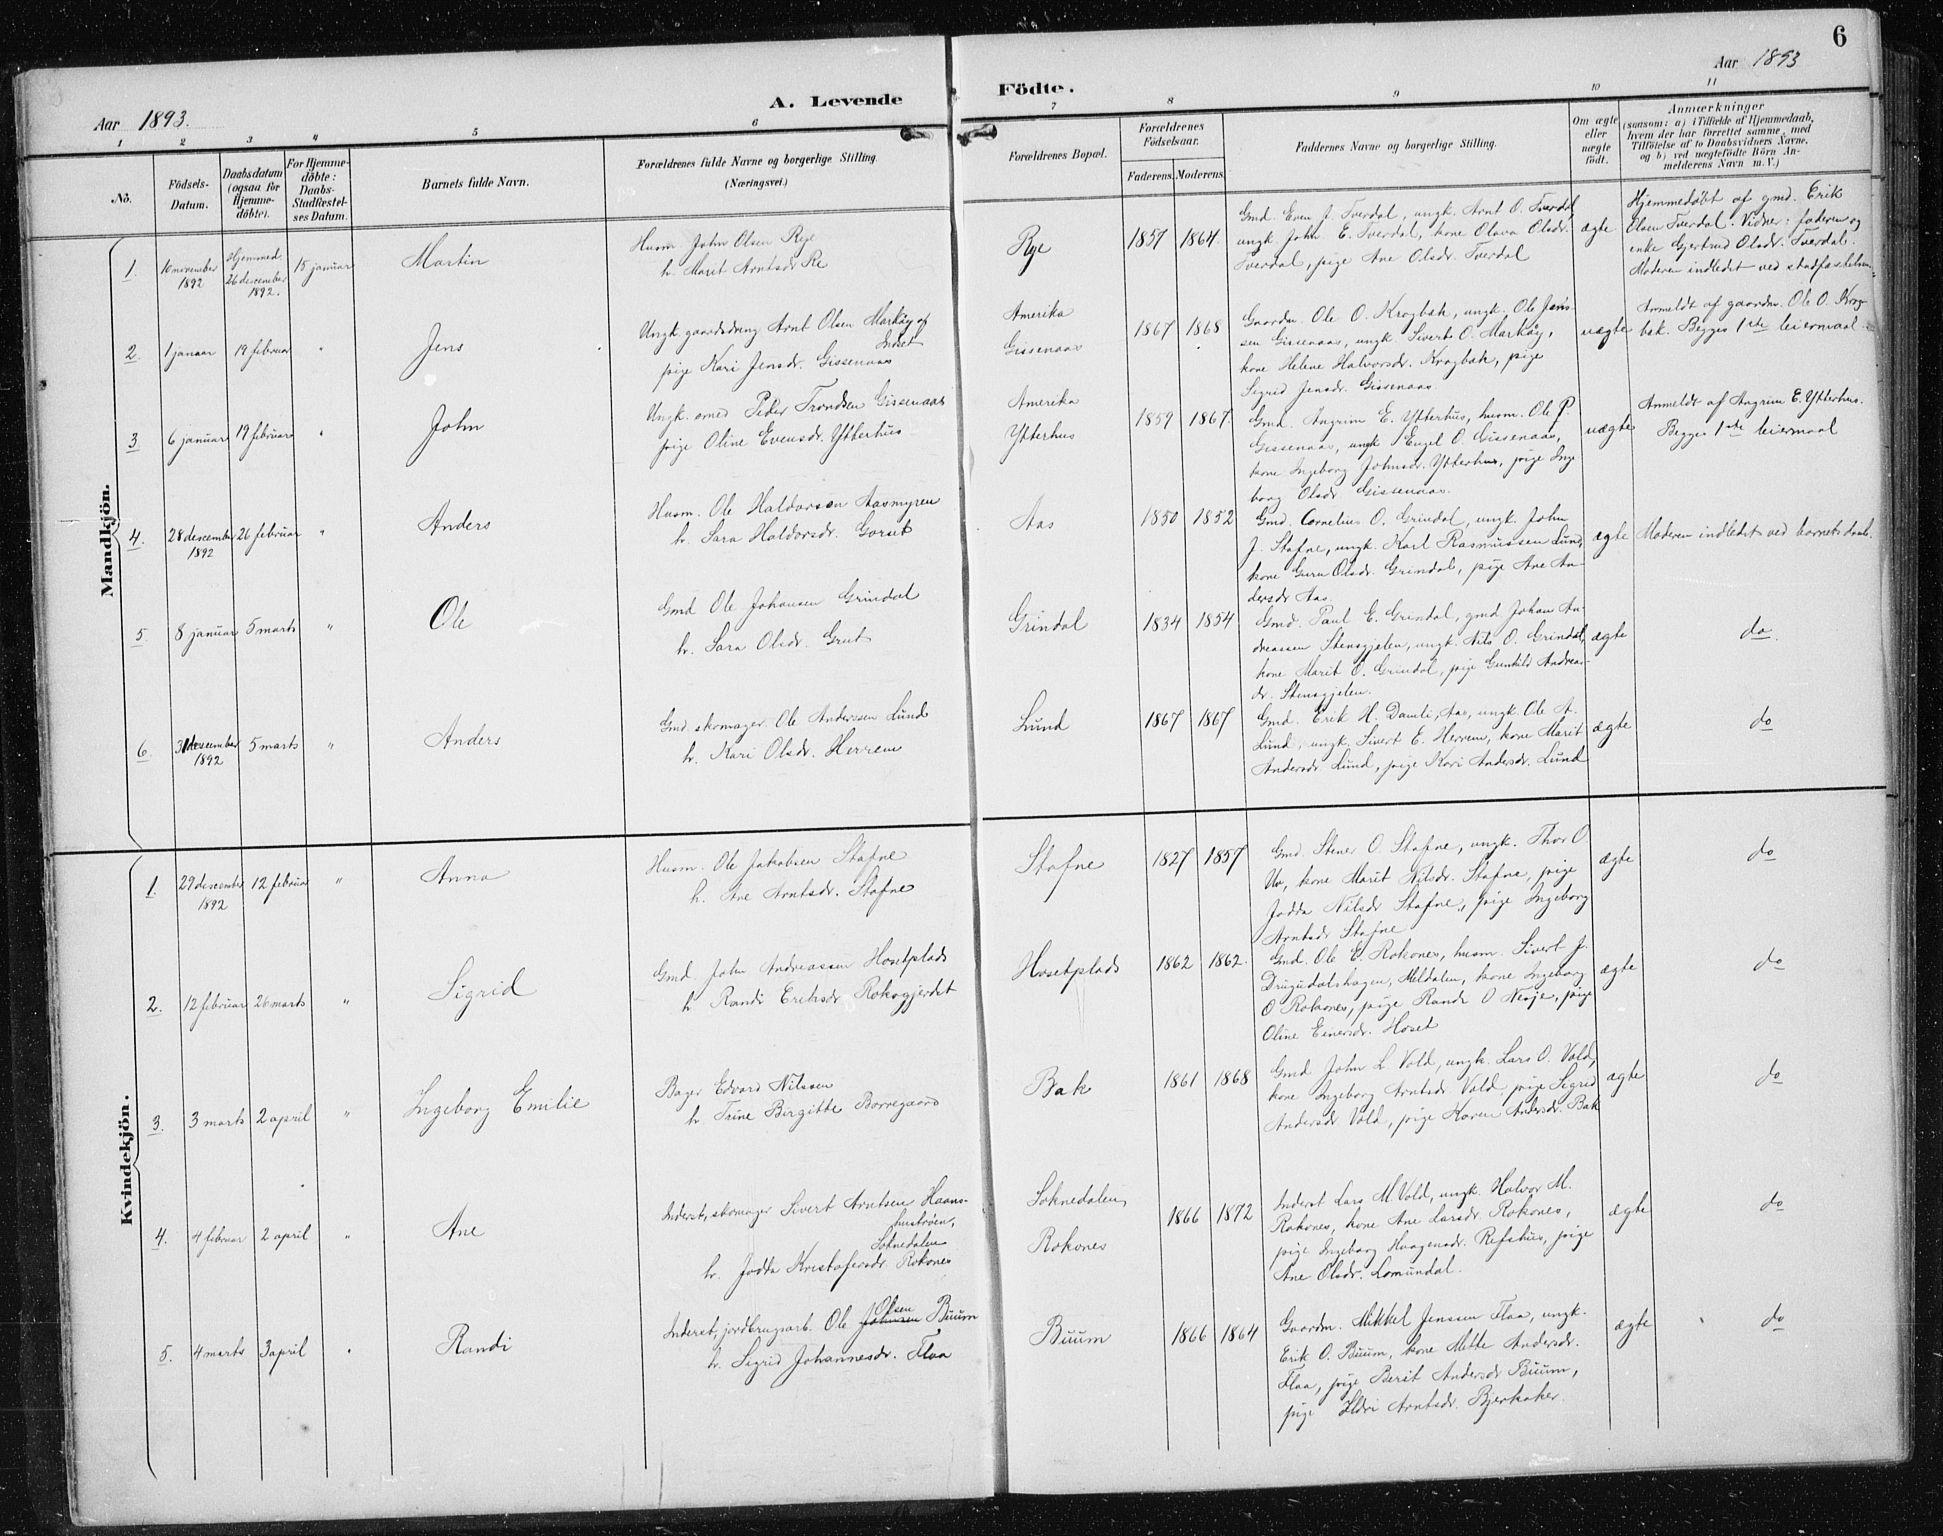 SAT, Ministerialprotokoller, klokkerbøker og fødselsregistre - Sør-Trøndelag, 674/L0876: Klokkerbok nr. 674C03, 1892-1912, s. 6